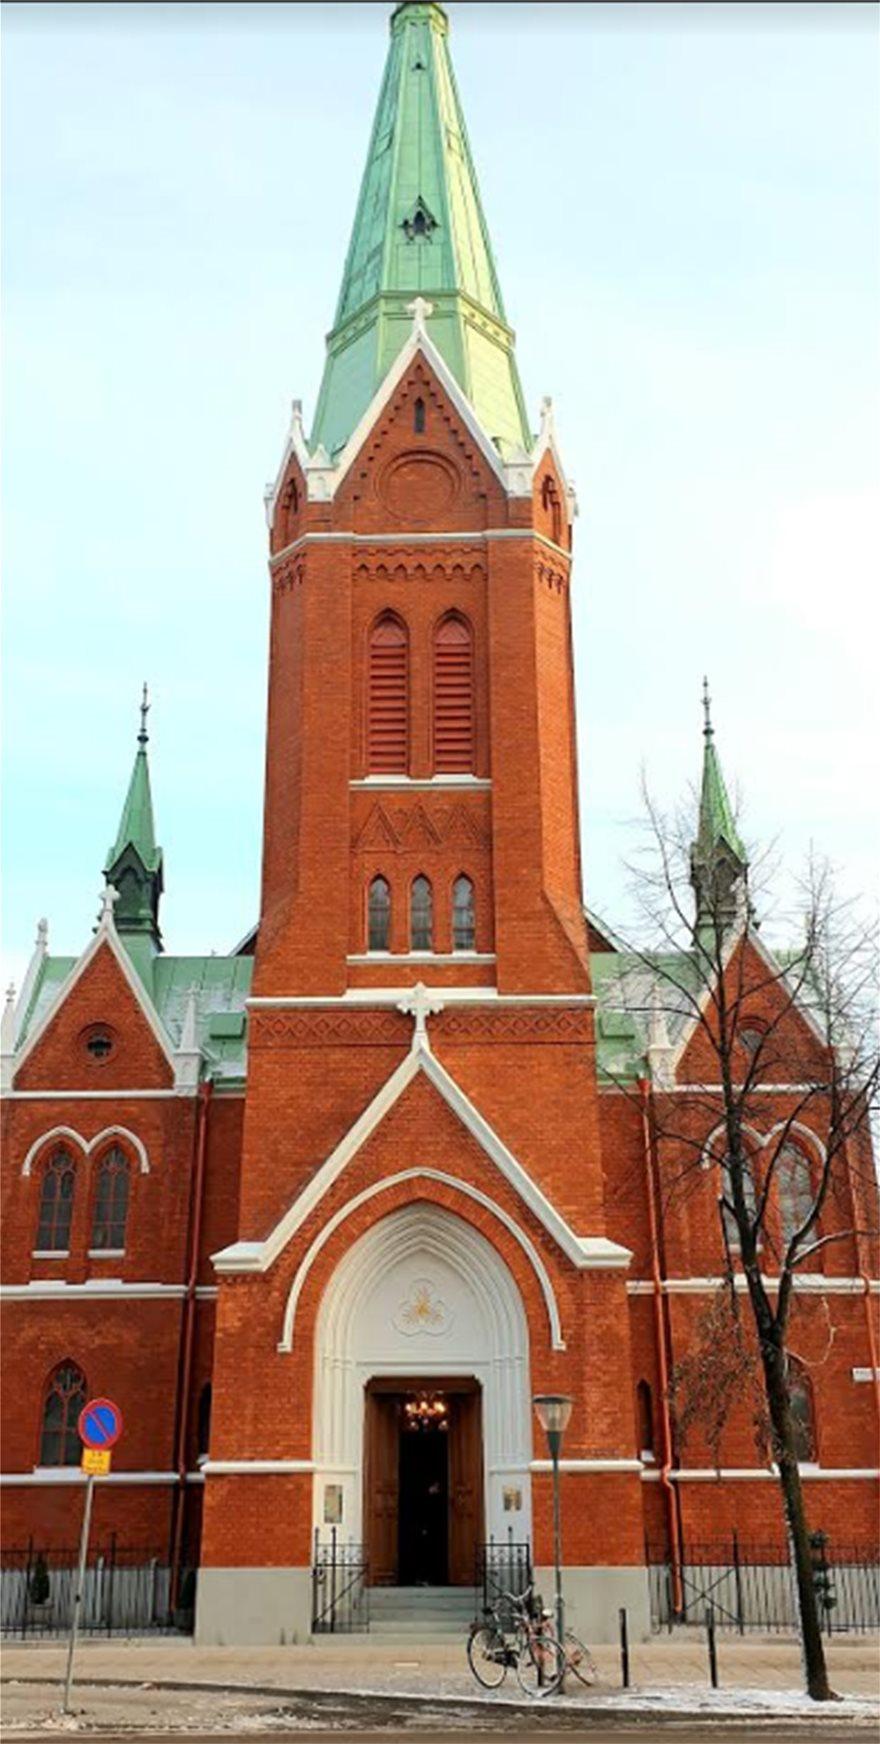 Ολοκληρώθηκε η ανακαίνιση του Καθεδρικού Ναού στη Στοκχόλμη - Φωτογραφία 5